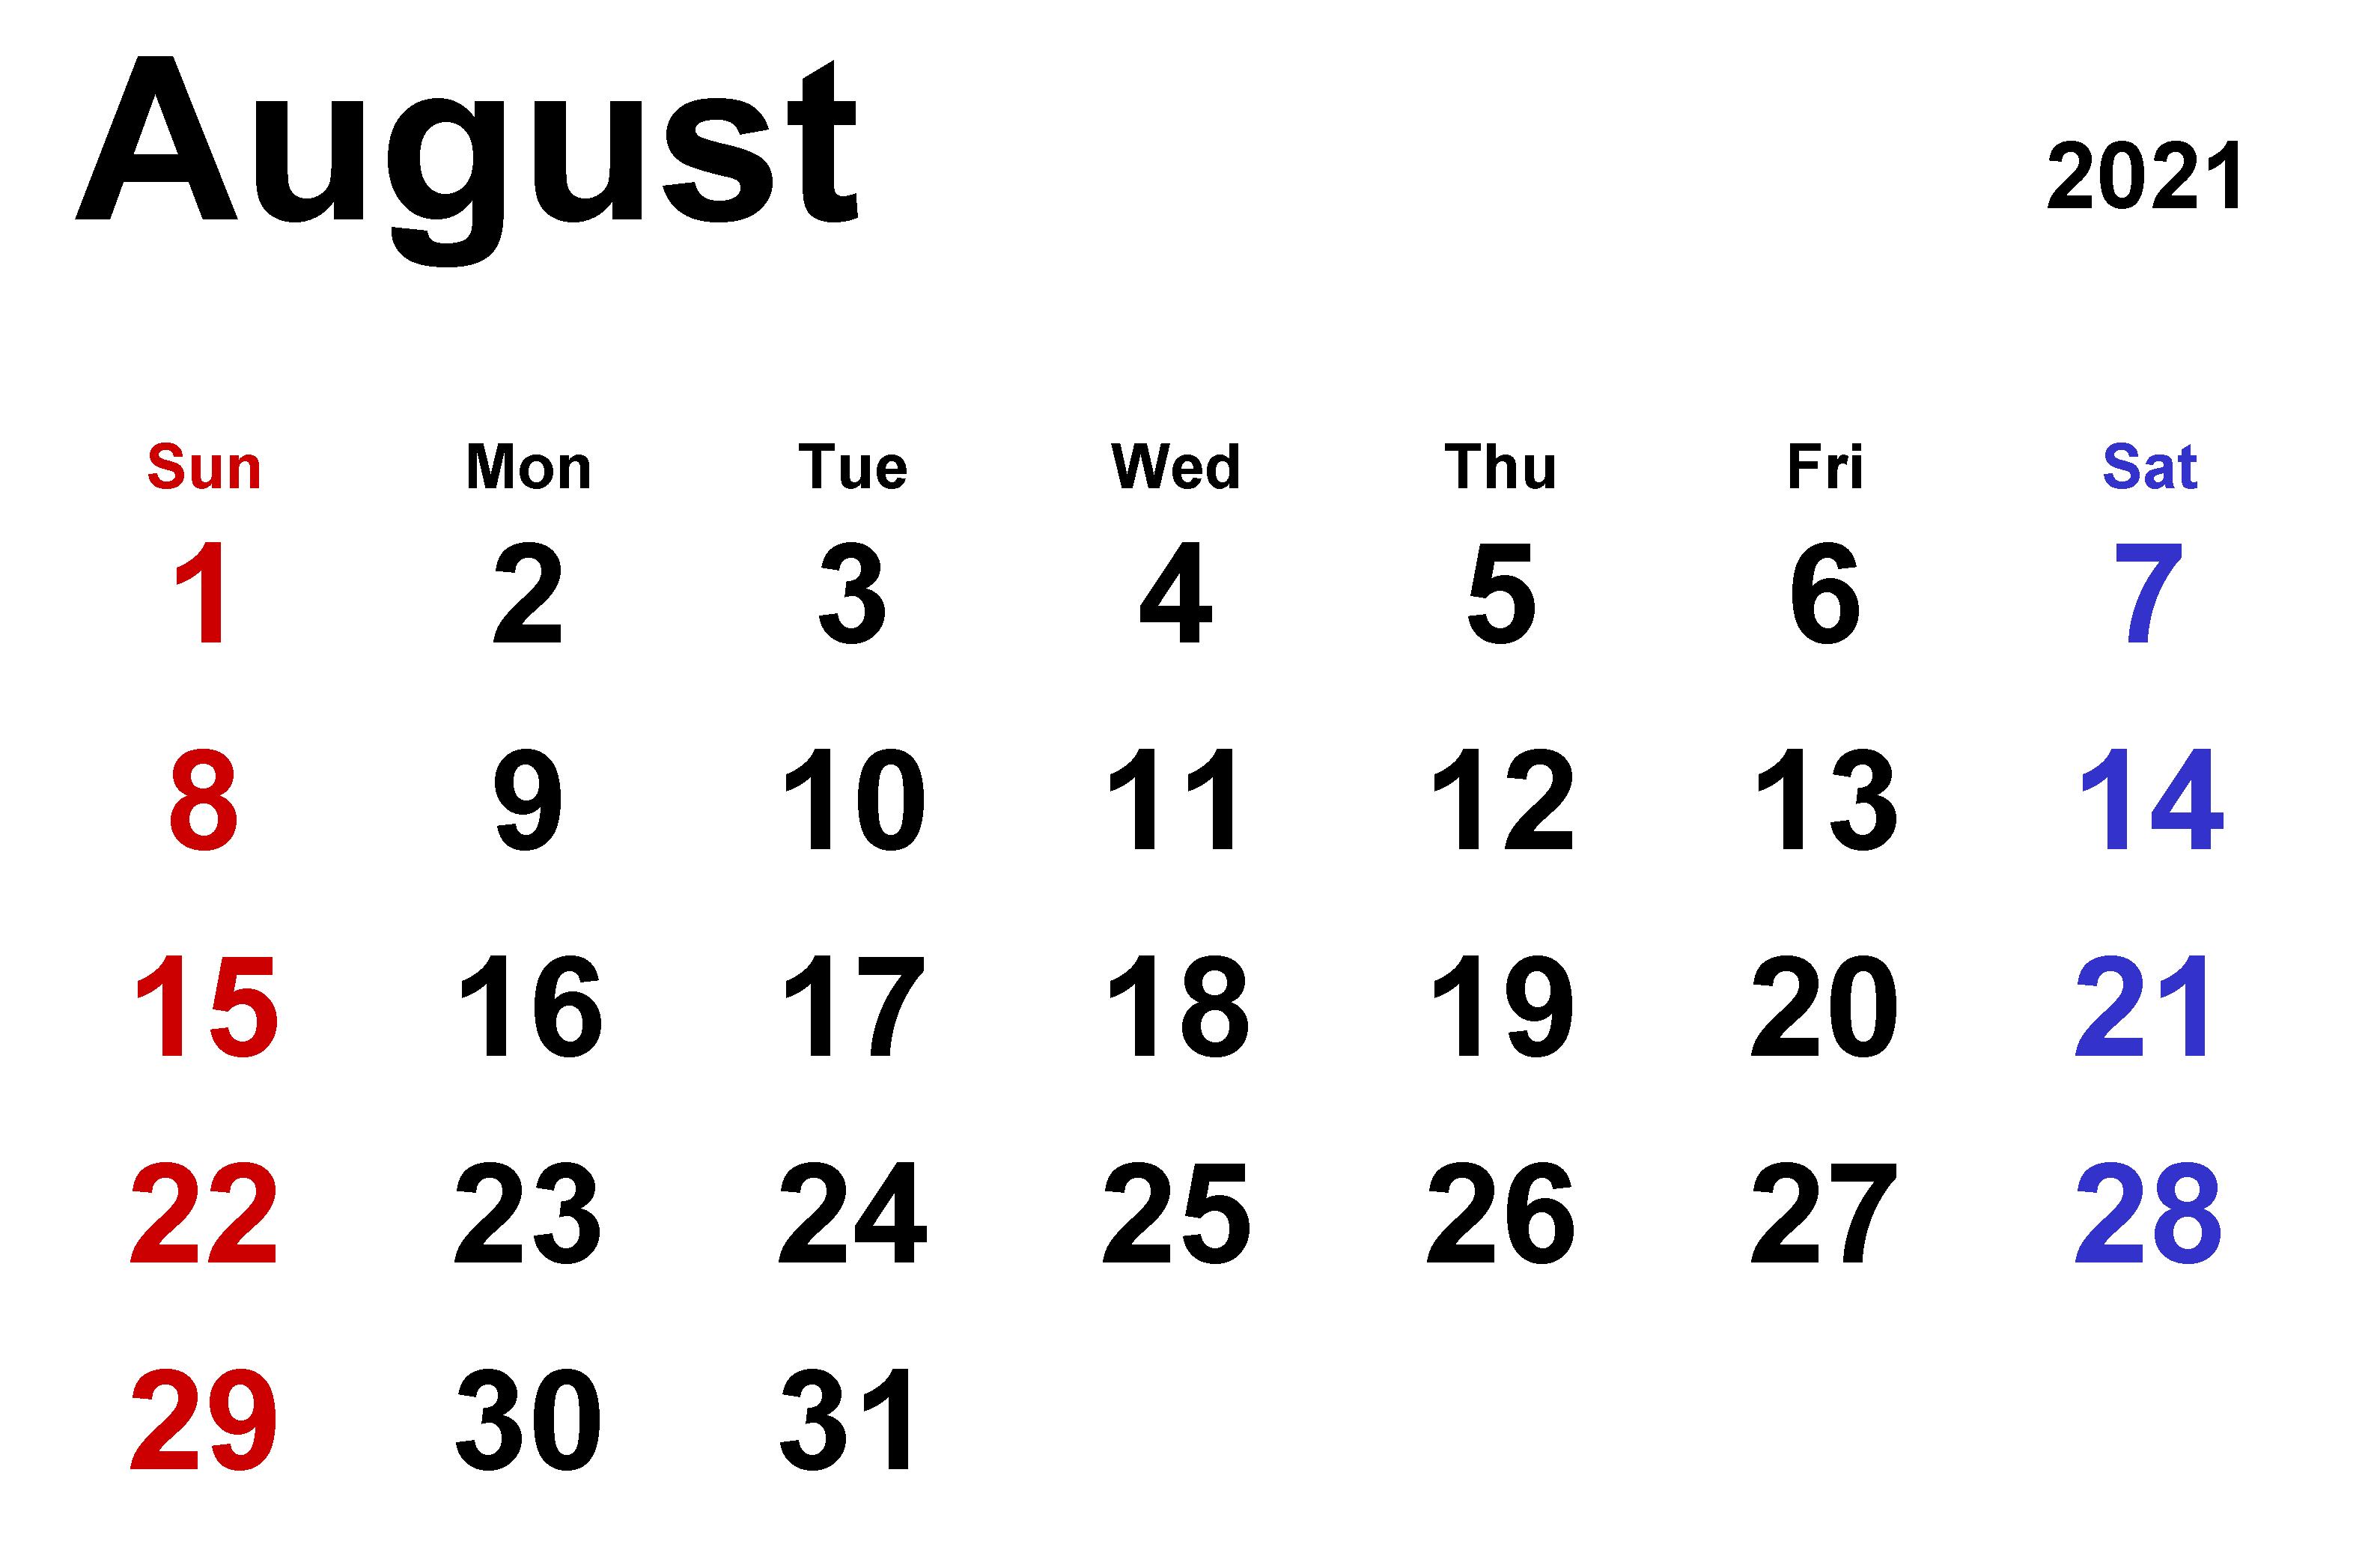 August 2021 Calendar Excel Template